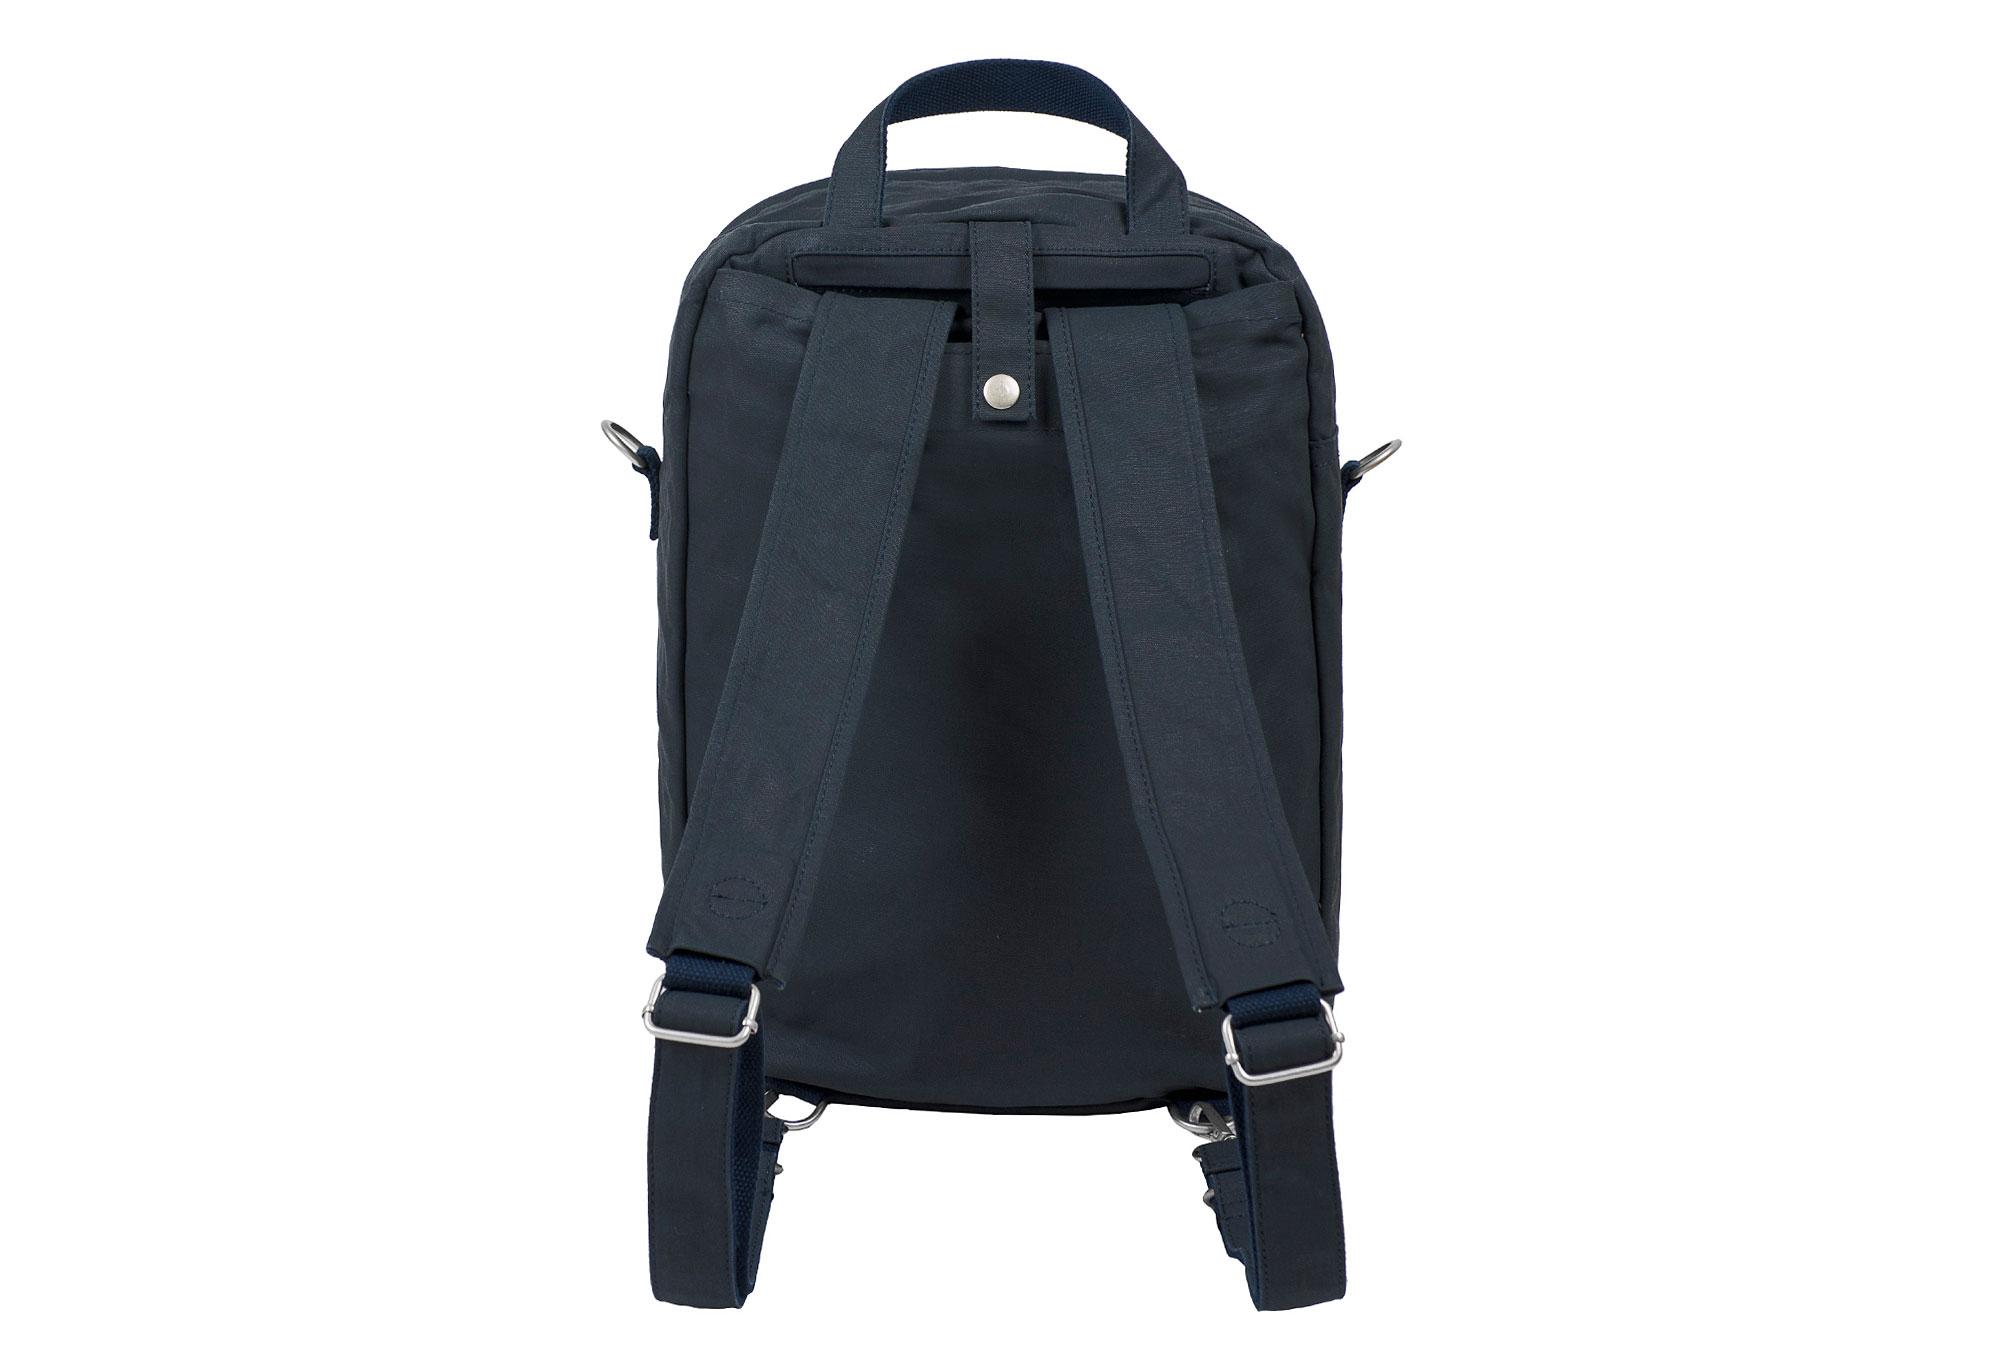 Carter-daypack-backpack